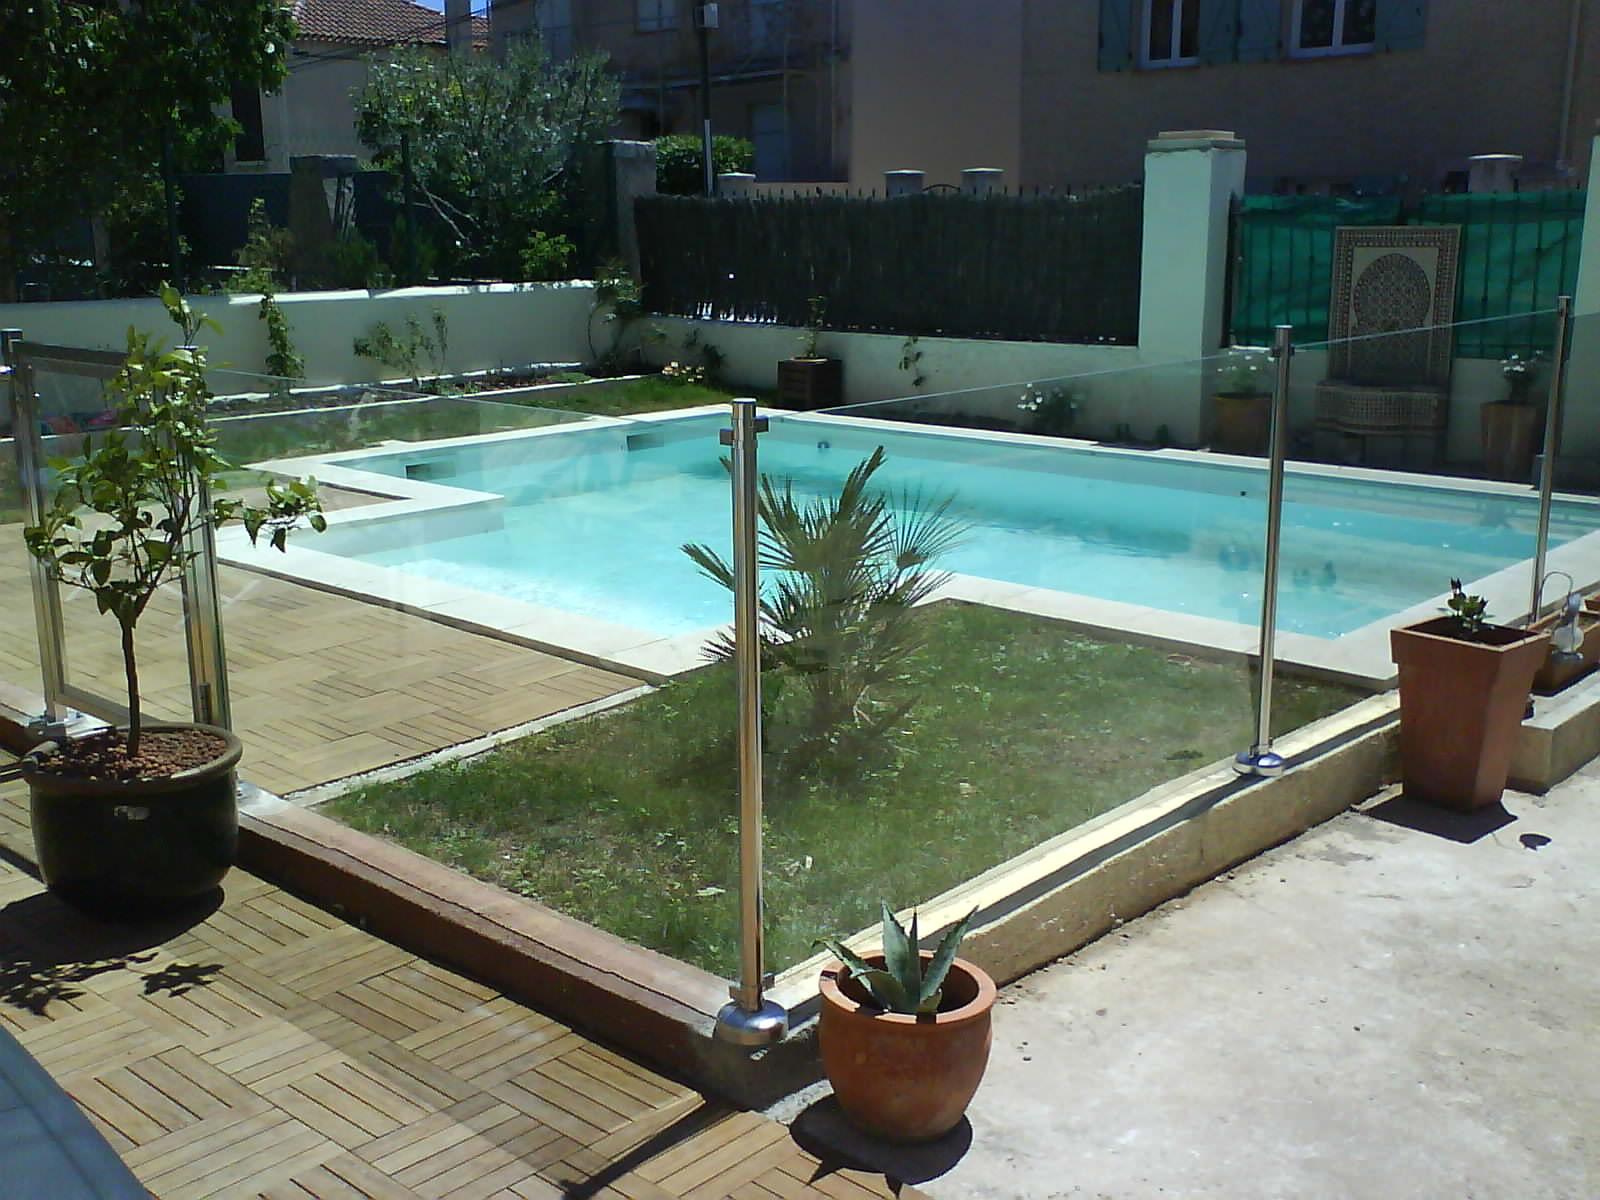 une barri re de s curit piscine pour prot ger vos enfants. Black Bedroom Furniture Sets. Home Design Ideas